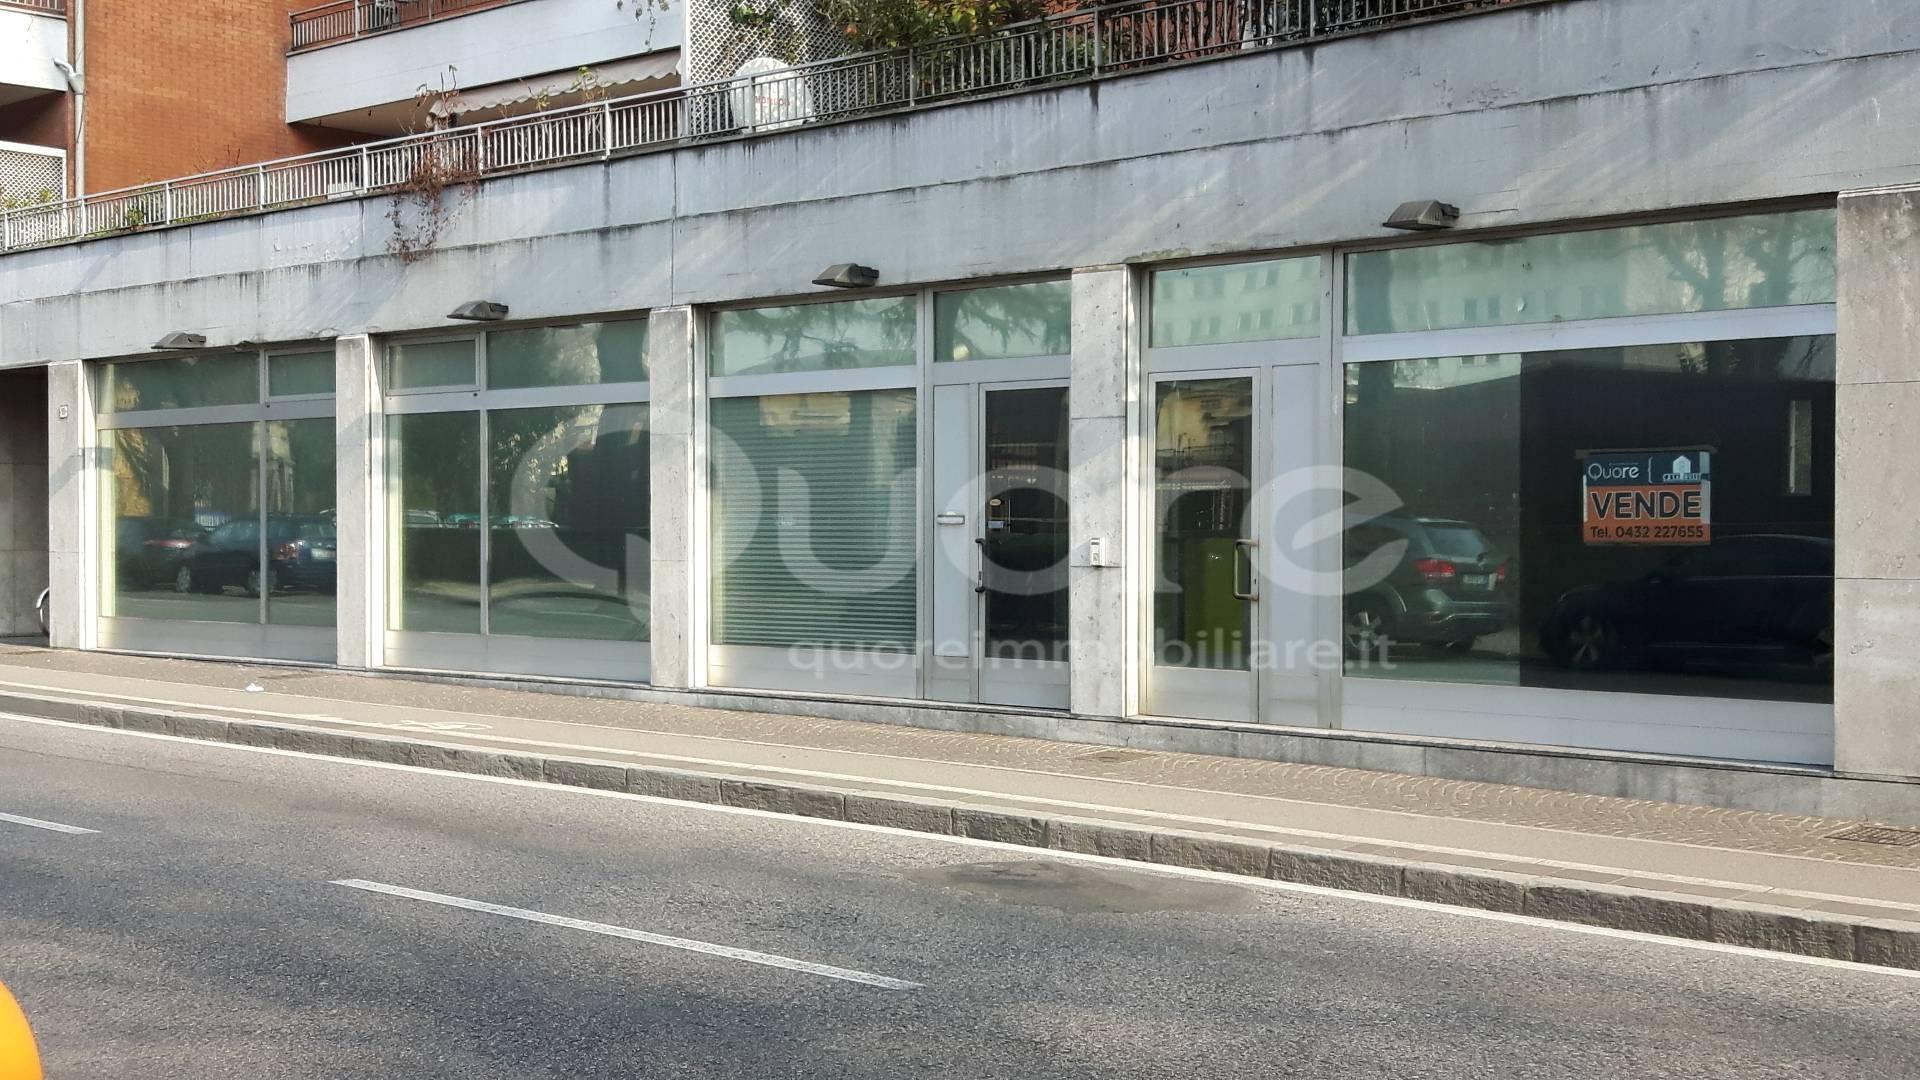 Negozio / Locale in vendita a Udine, 9999 locali, prezzo € 175.000 | CambioCasa.it